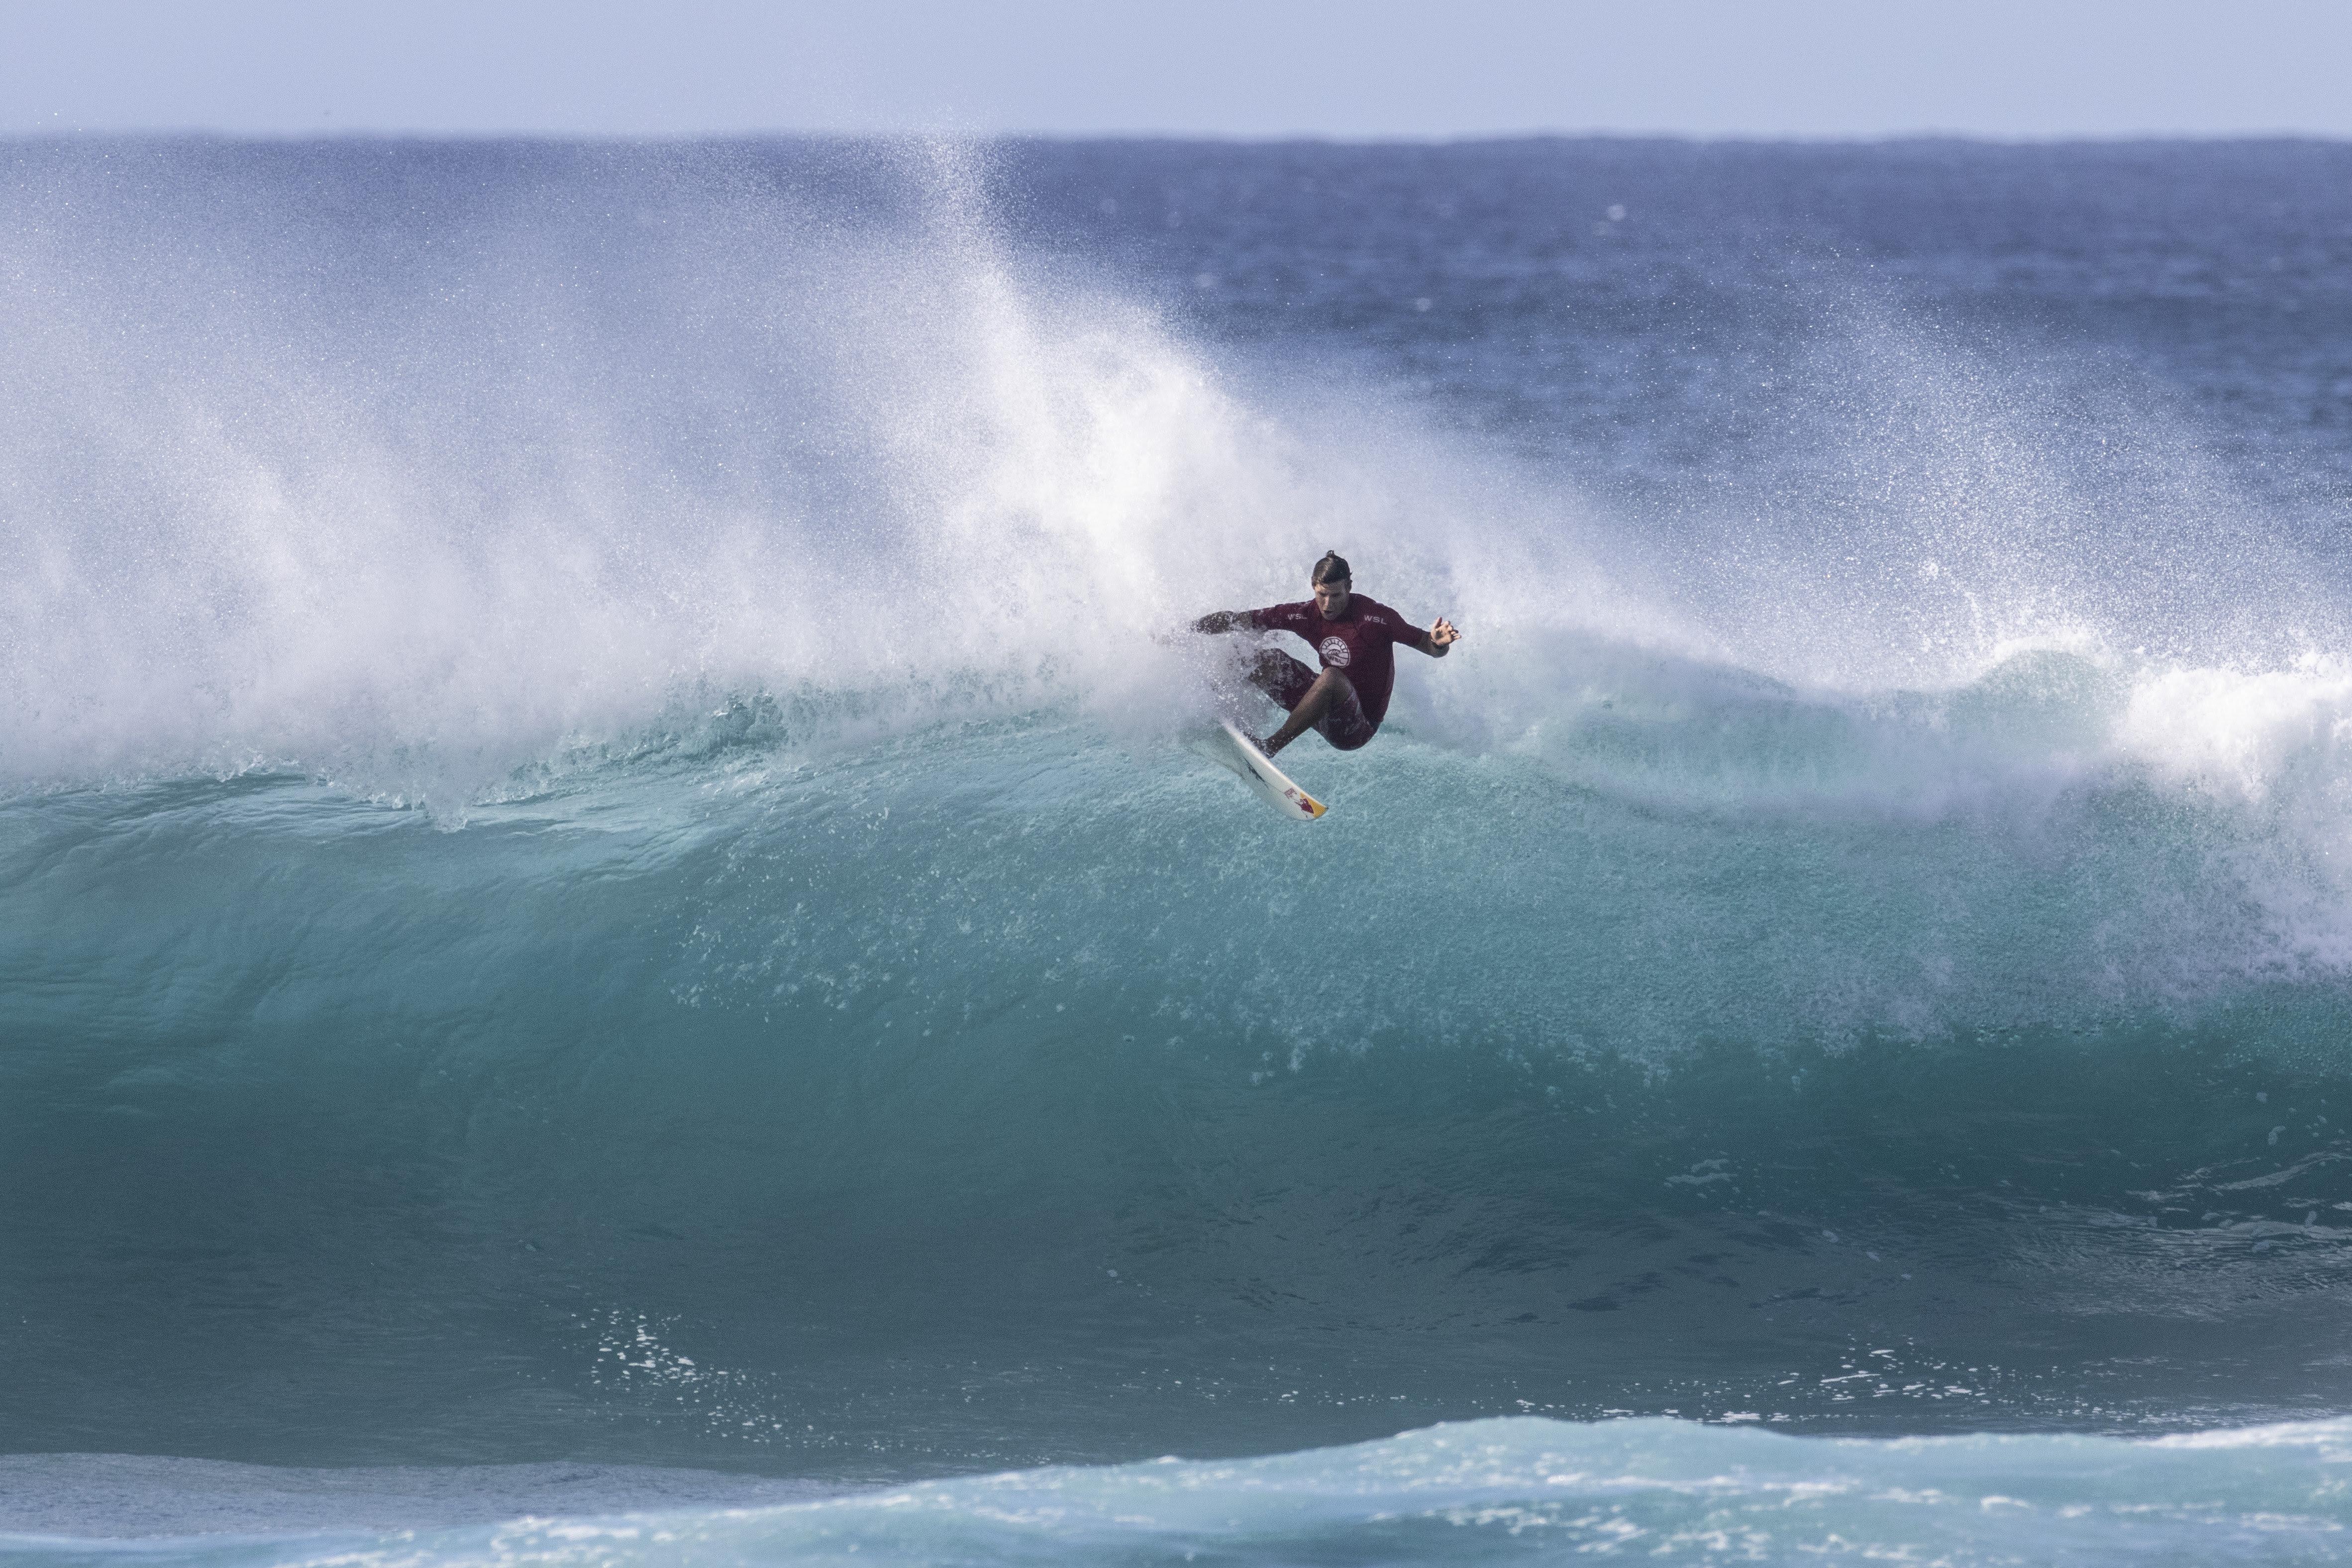 Maui Surfer Ian Walsh Advances at Sunset Pro